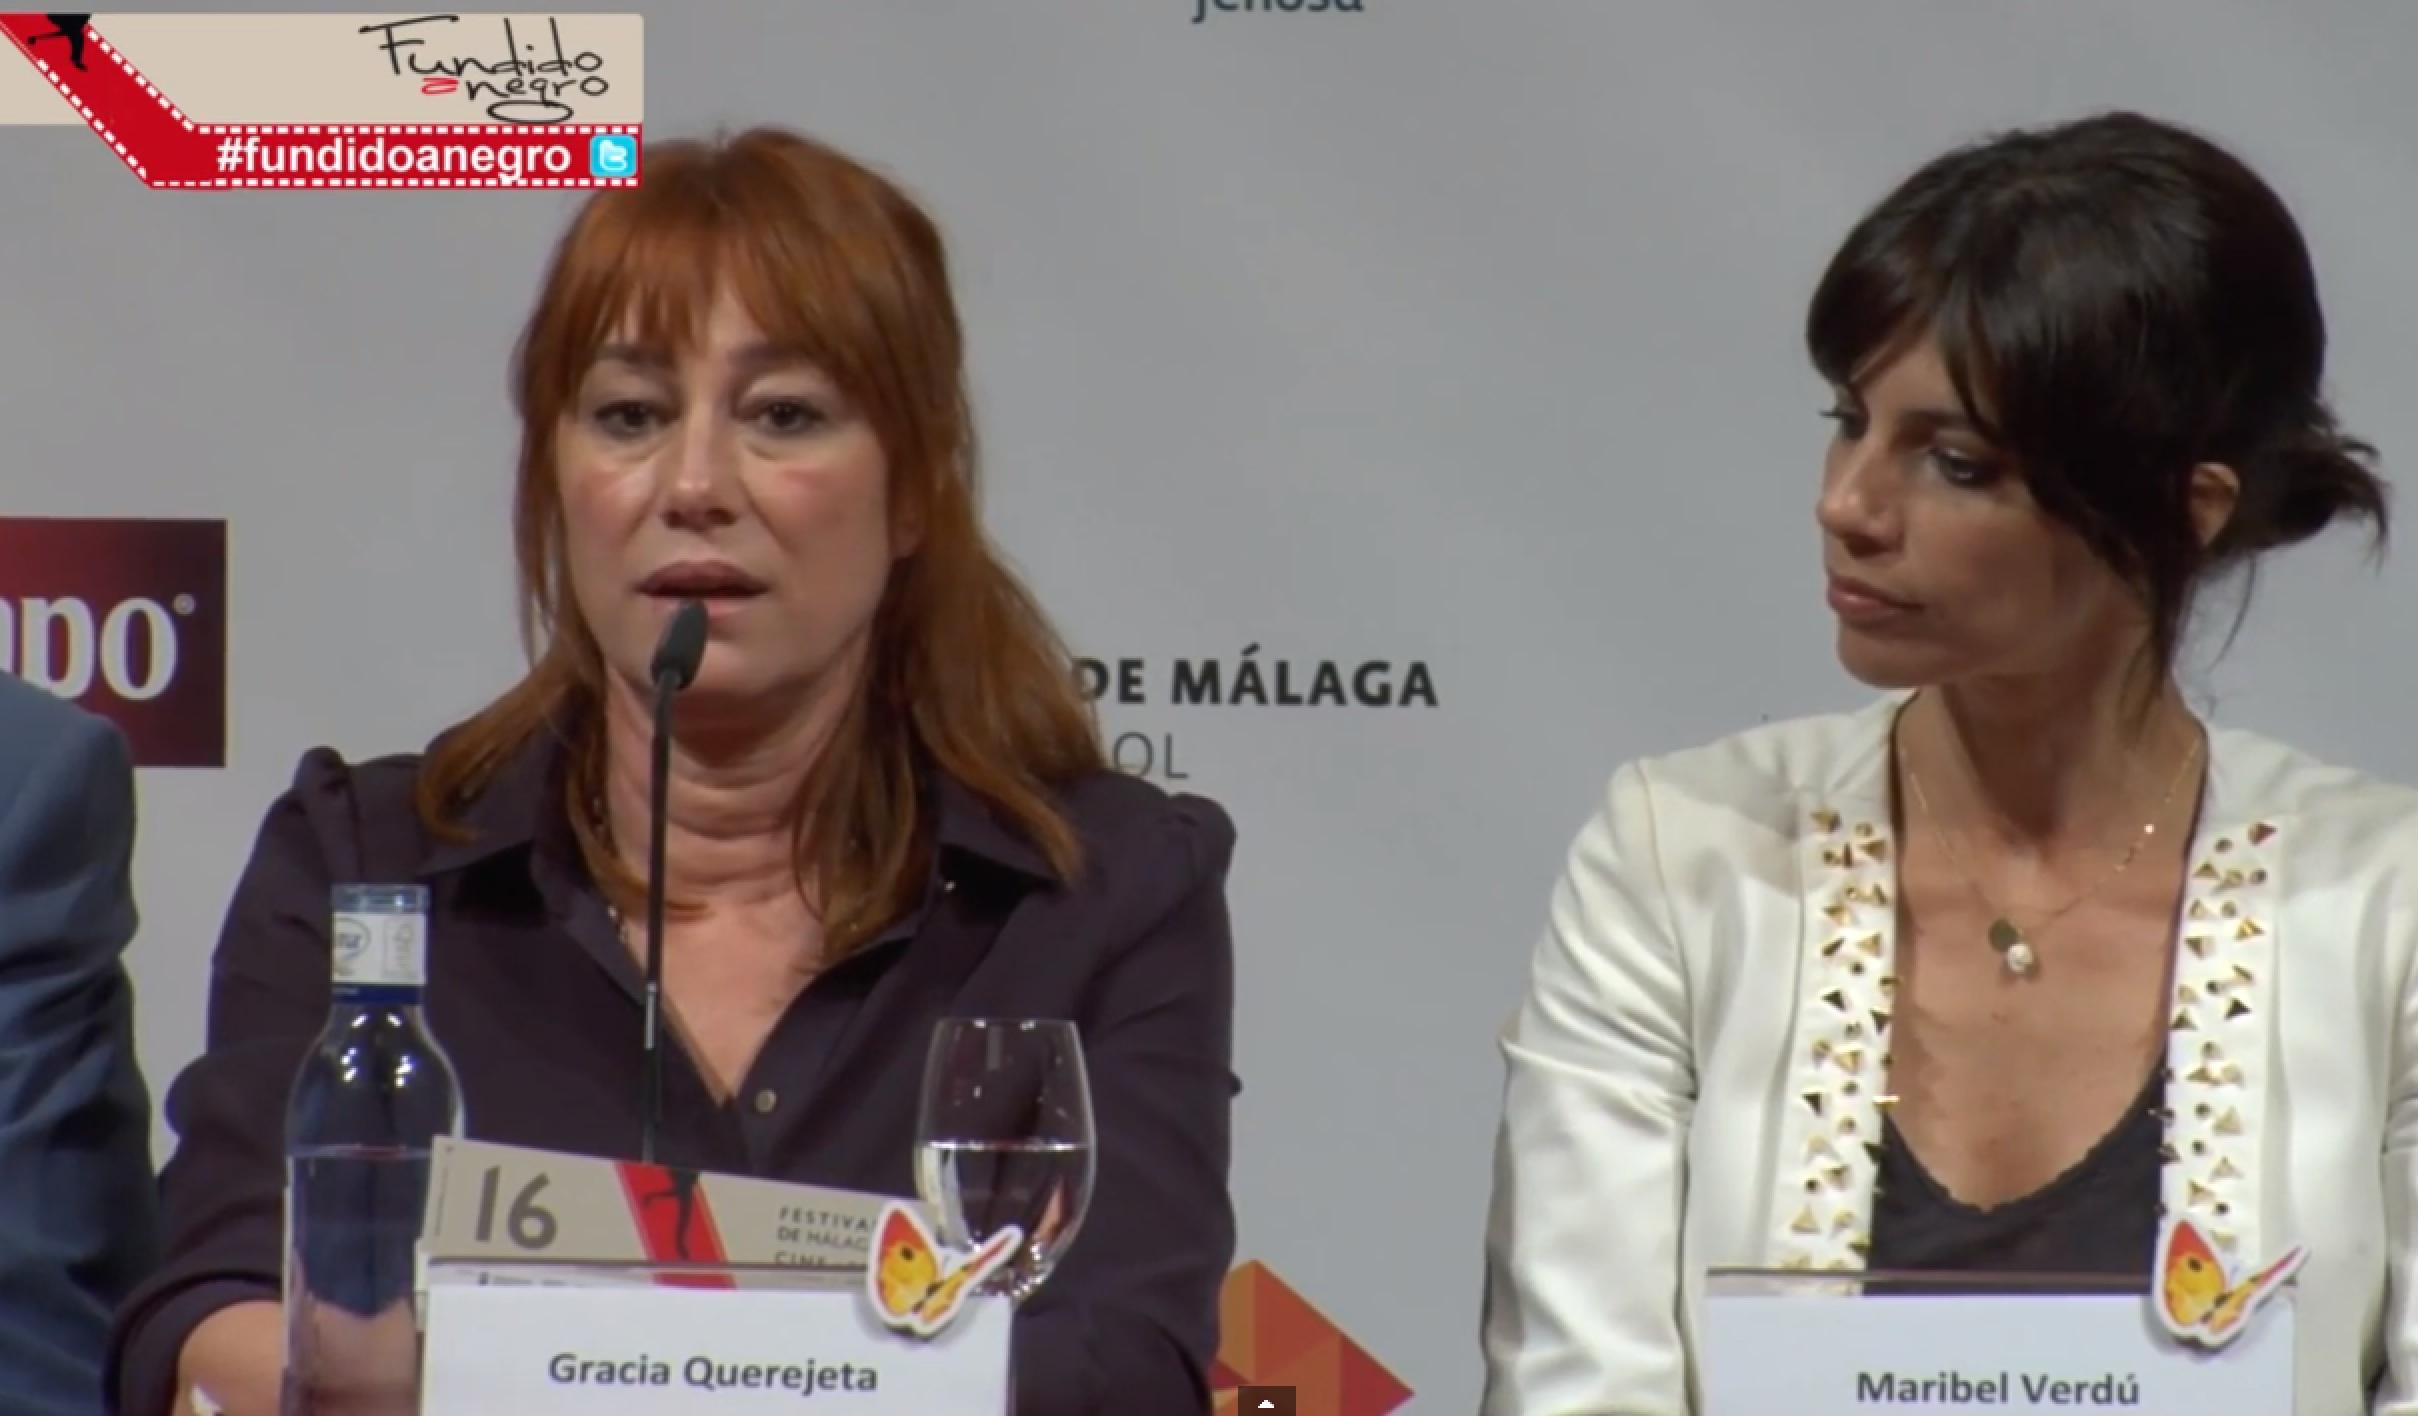 """Fundido a negro especial Goya 2014 """"15 años y un día"""" dirigida por Gracia Querejeta"""